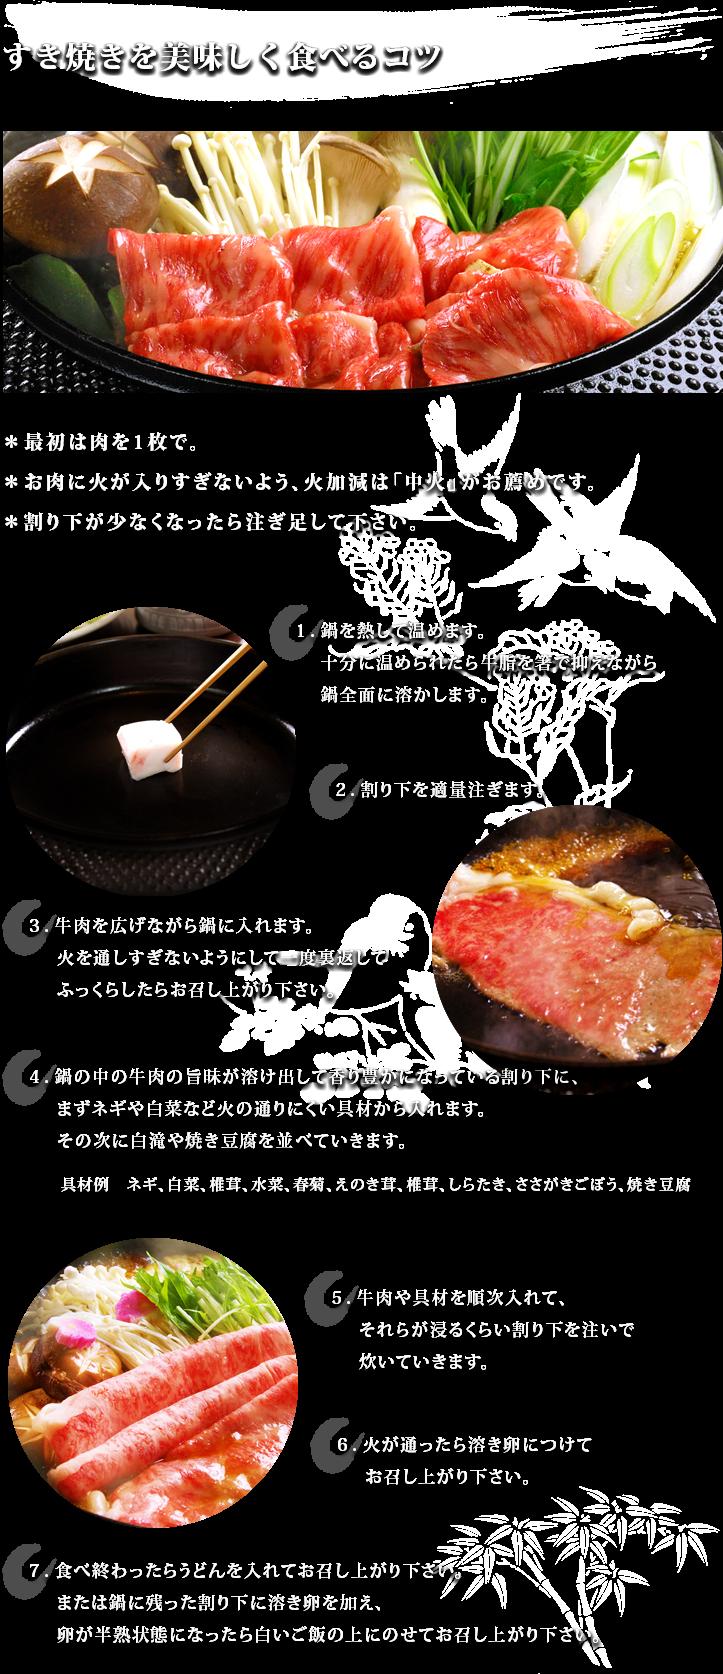 すき焼きを美味しく食べるコツ